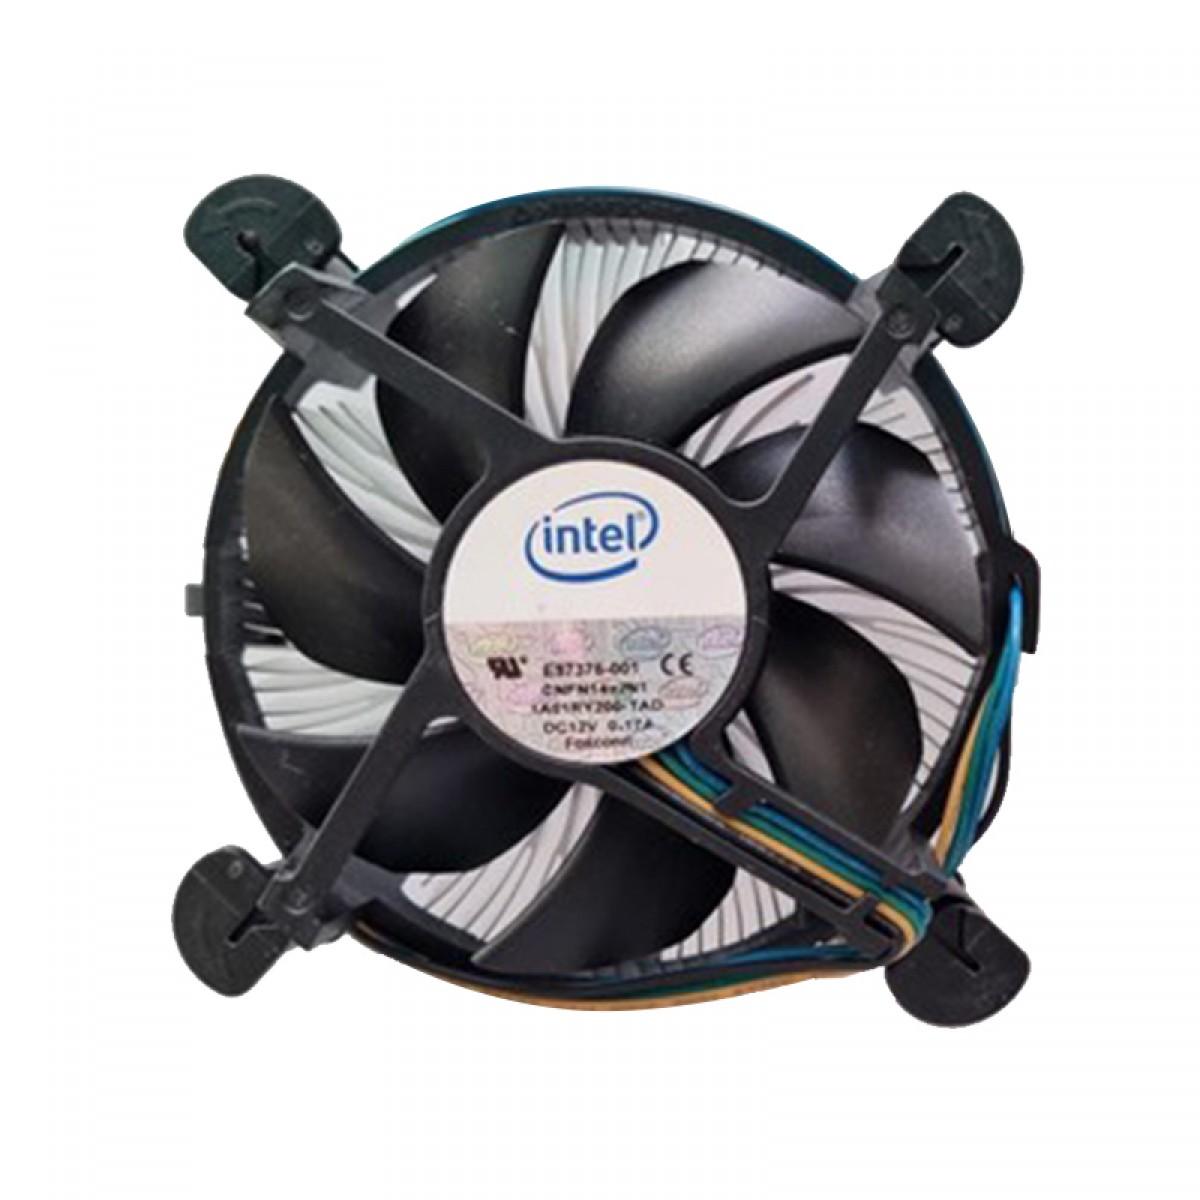 Cooler Box Intel Delta, LGA 775